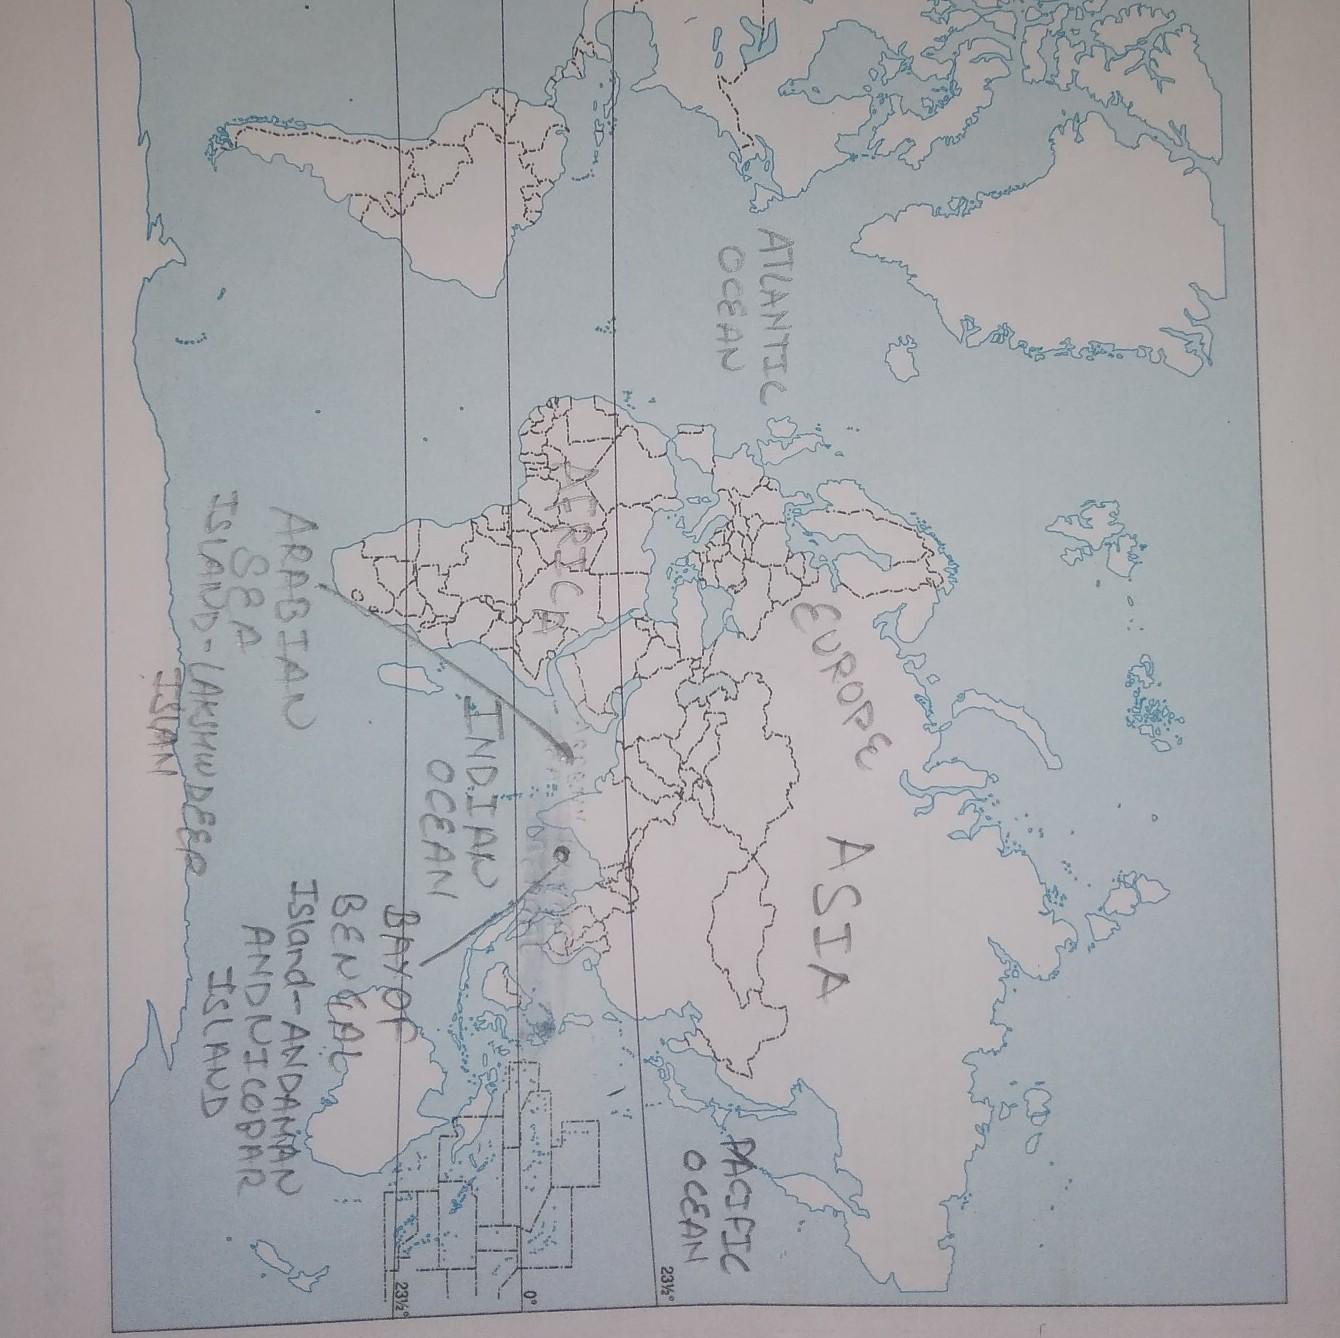 Image of: Tvon The World Outline Map Mark Any Three Continents Any Three Oceansany Three Seas Any Three Brainly In